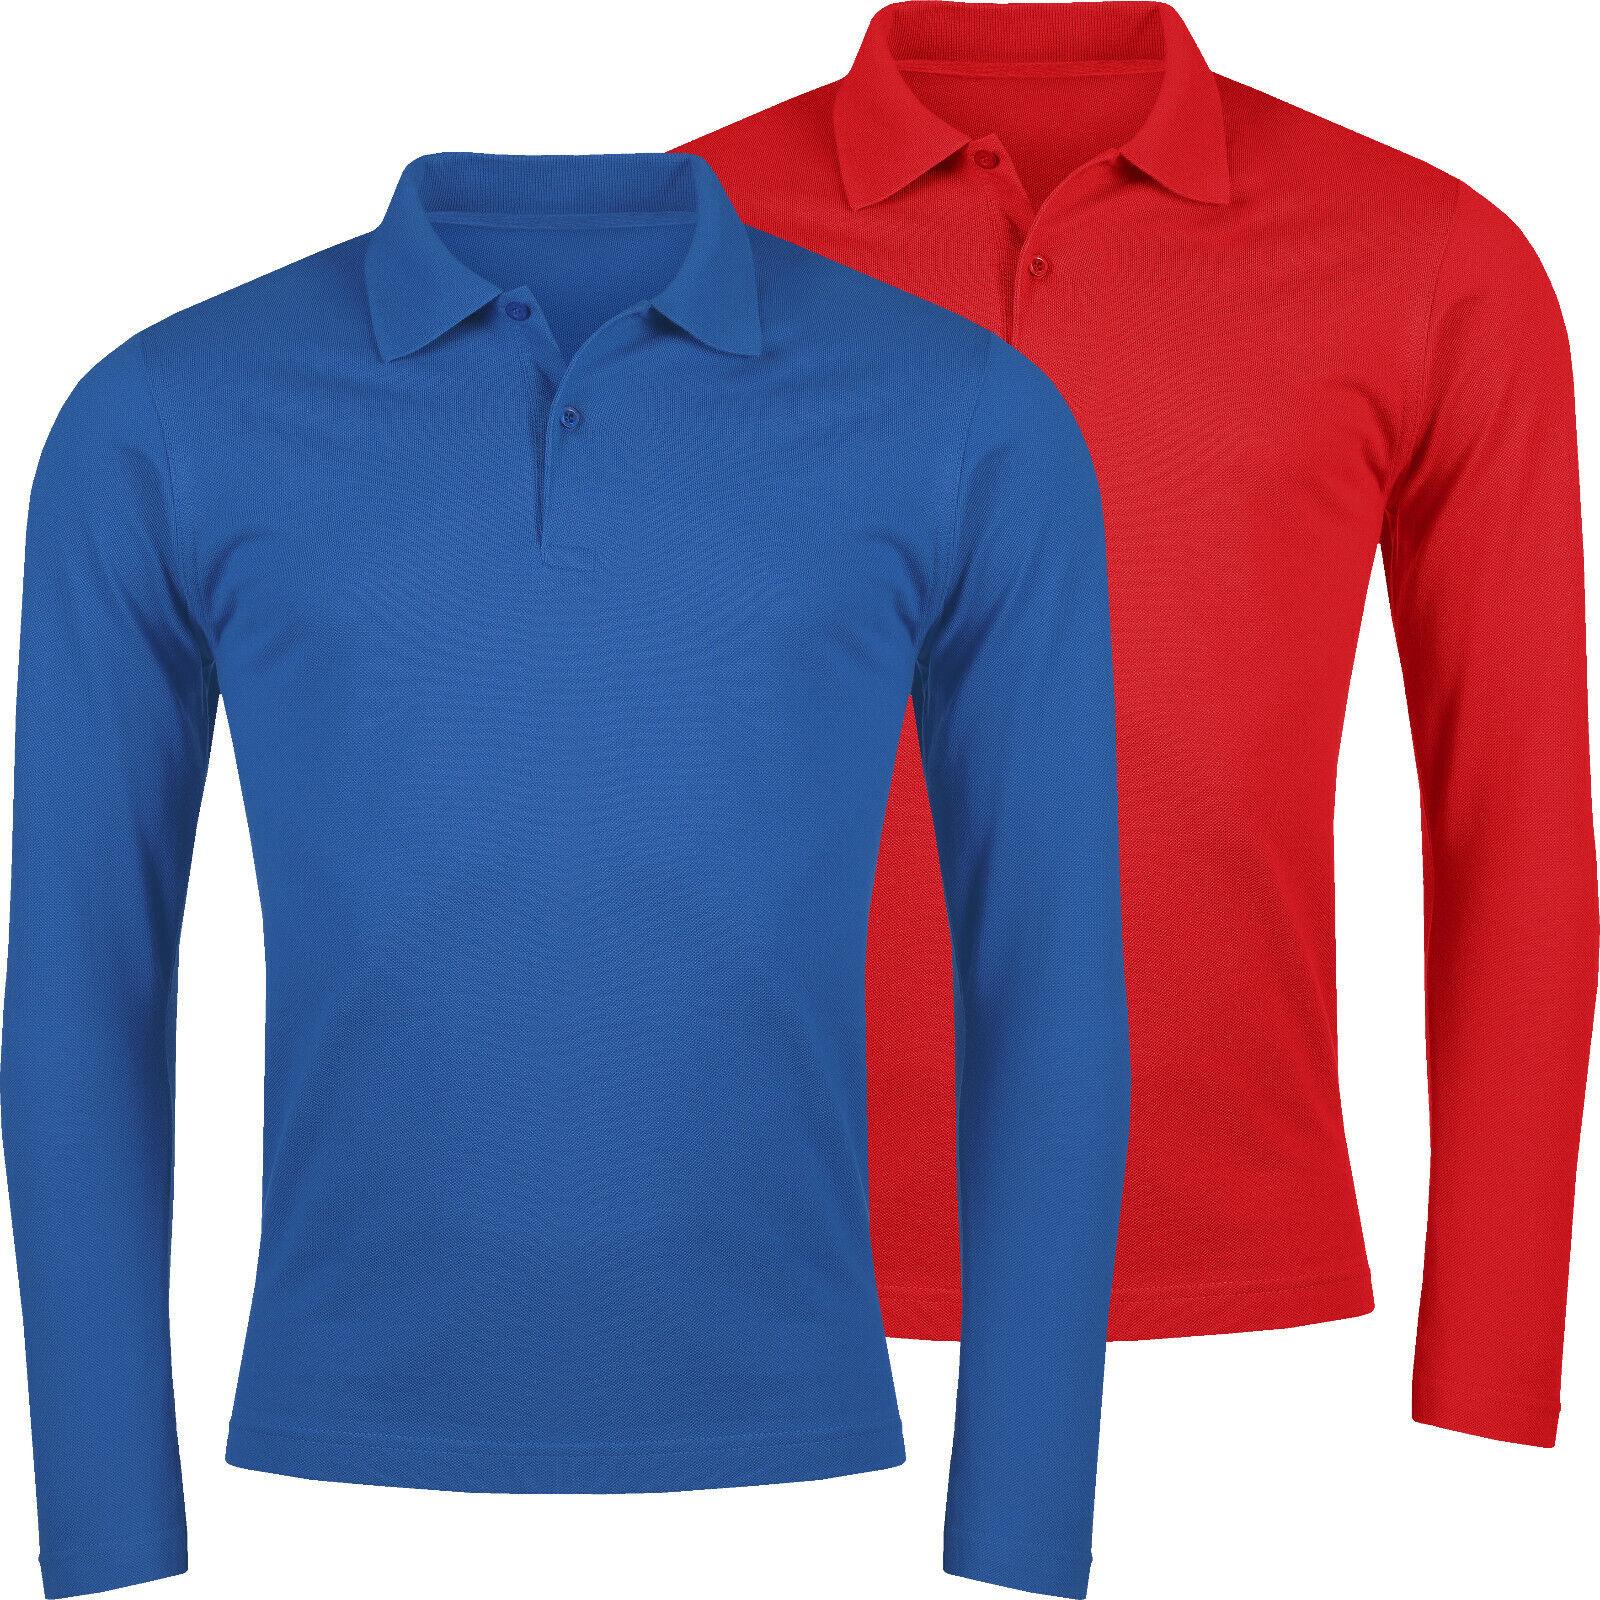 Mens Polo T Shirt  Long Sleeve 100/% Cotton Pique Button Up Casual Top UK Seller